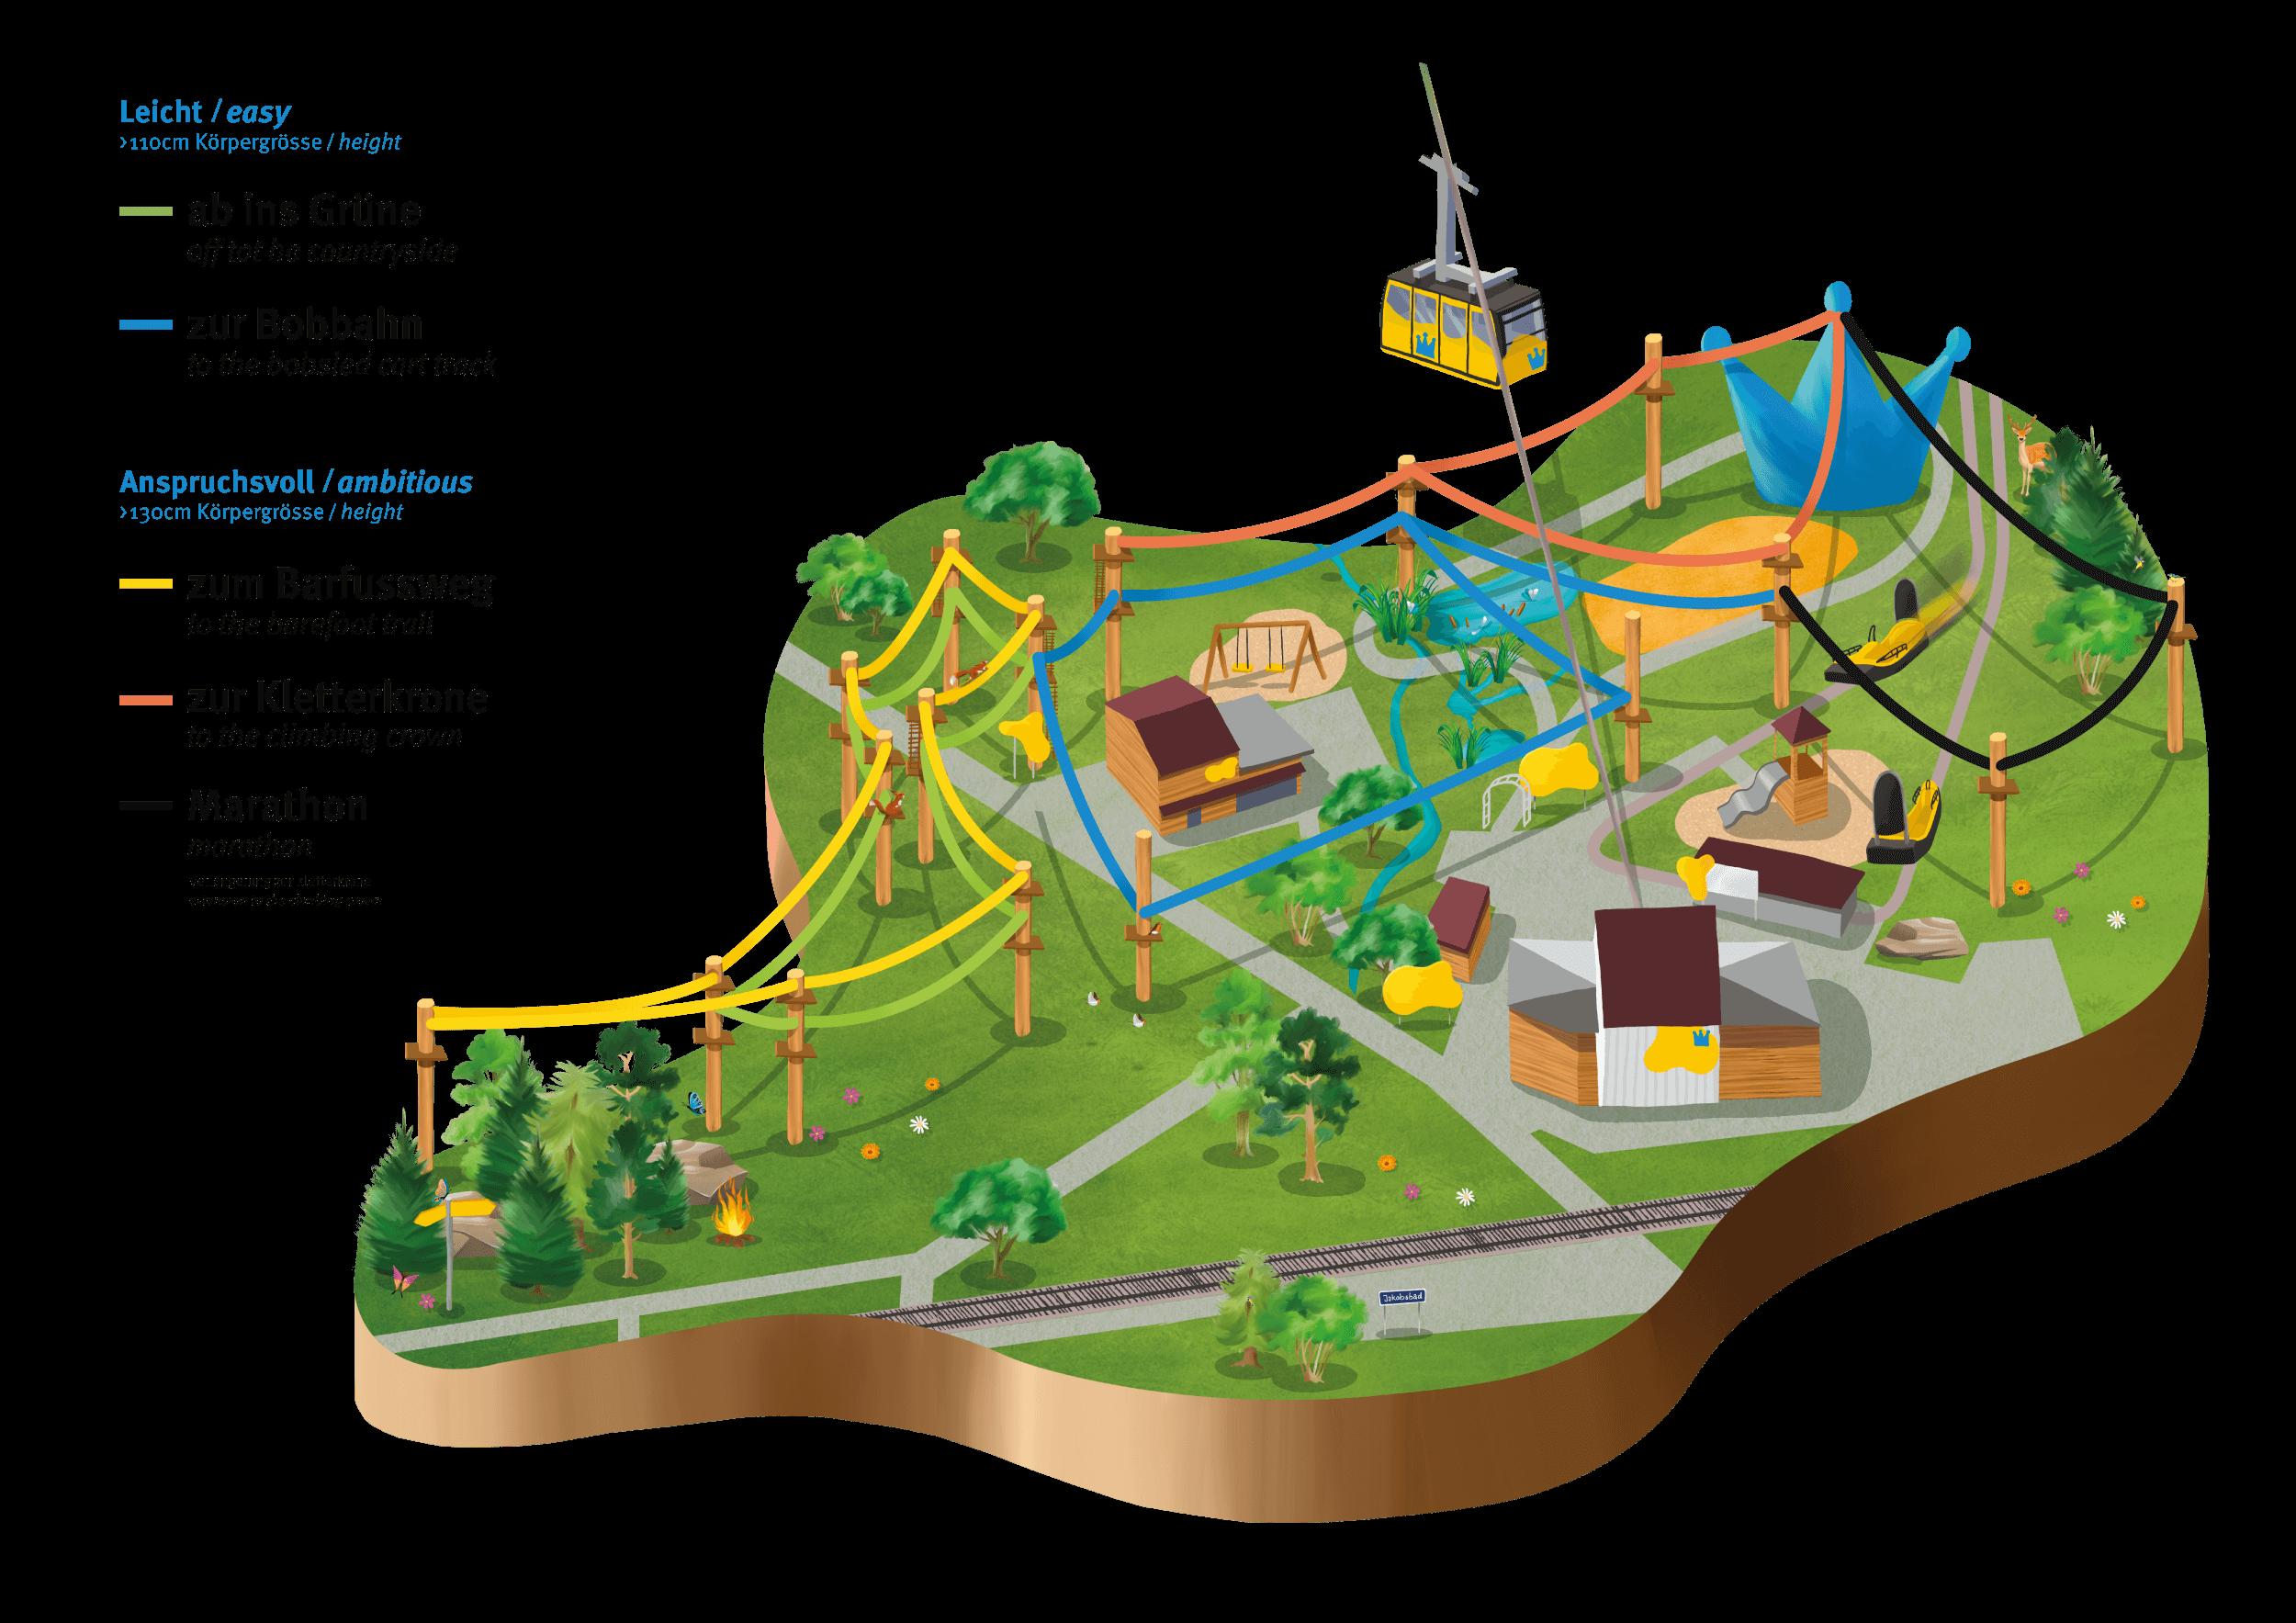 Einzigartiger Schweizer Zipline Park Im Appenzellerland Eroffnet Seilbahnen International